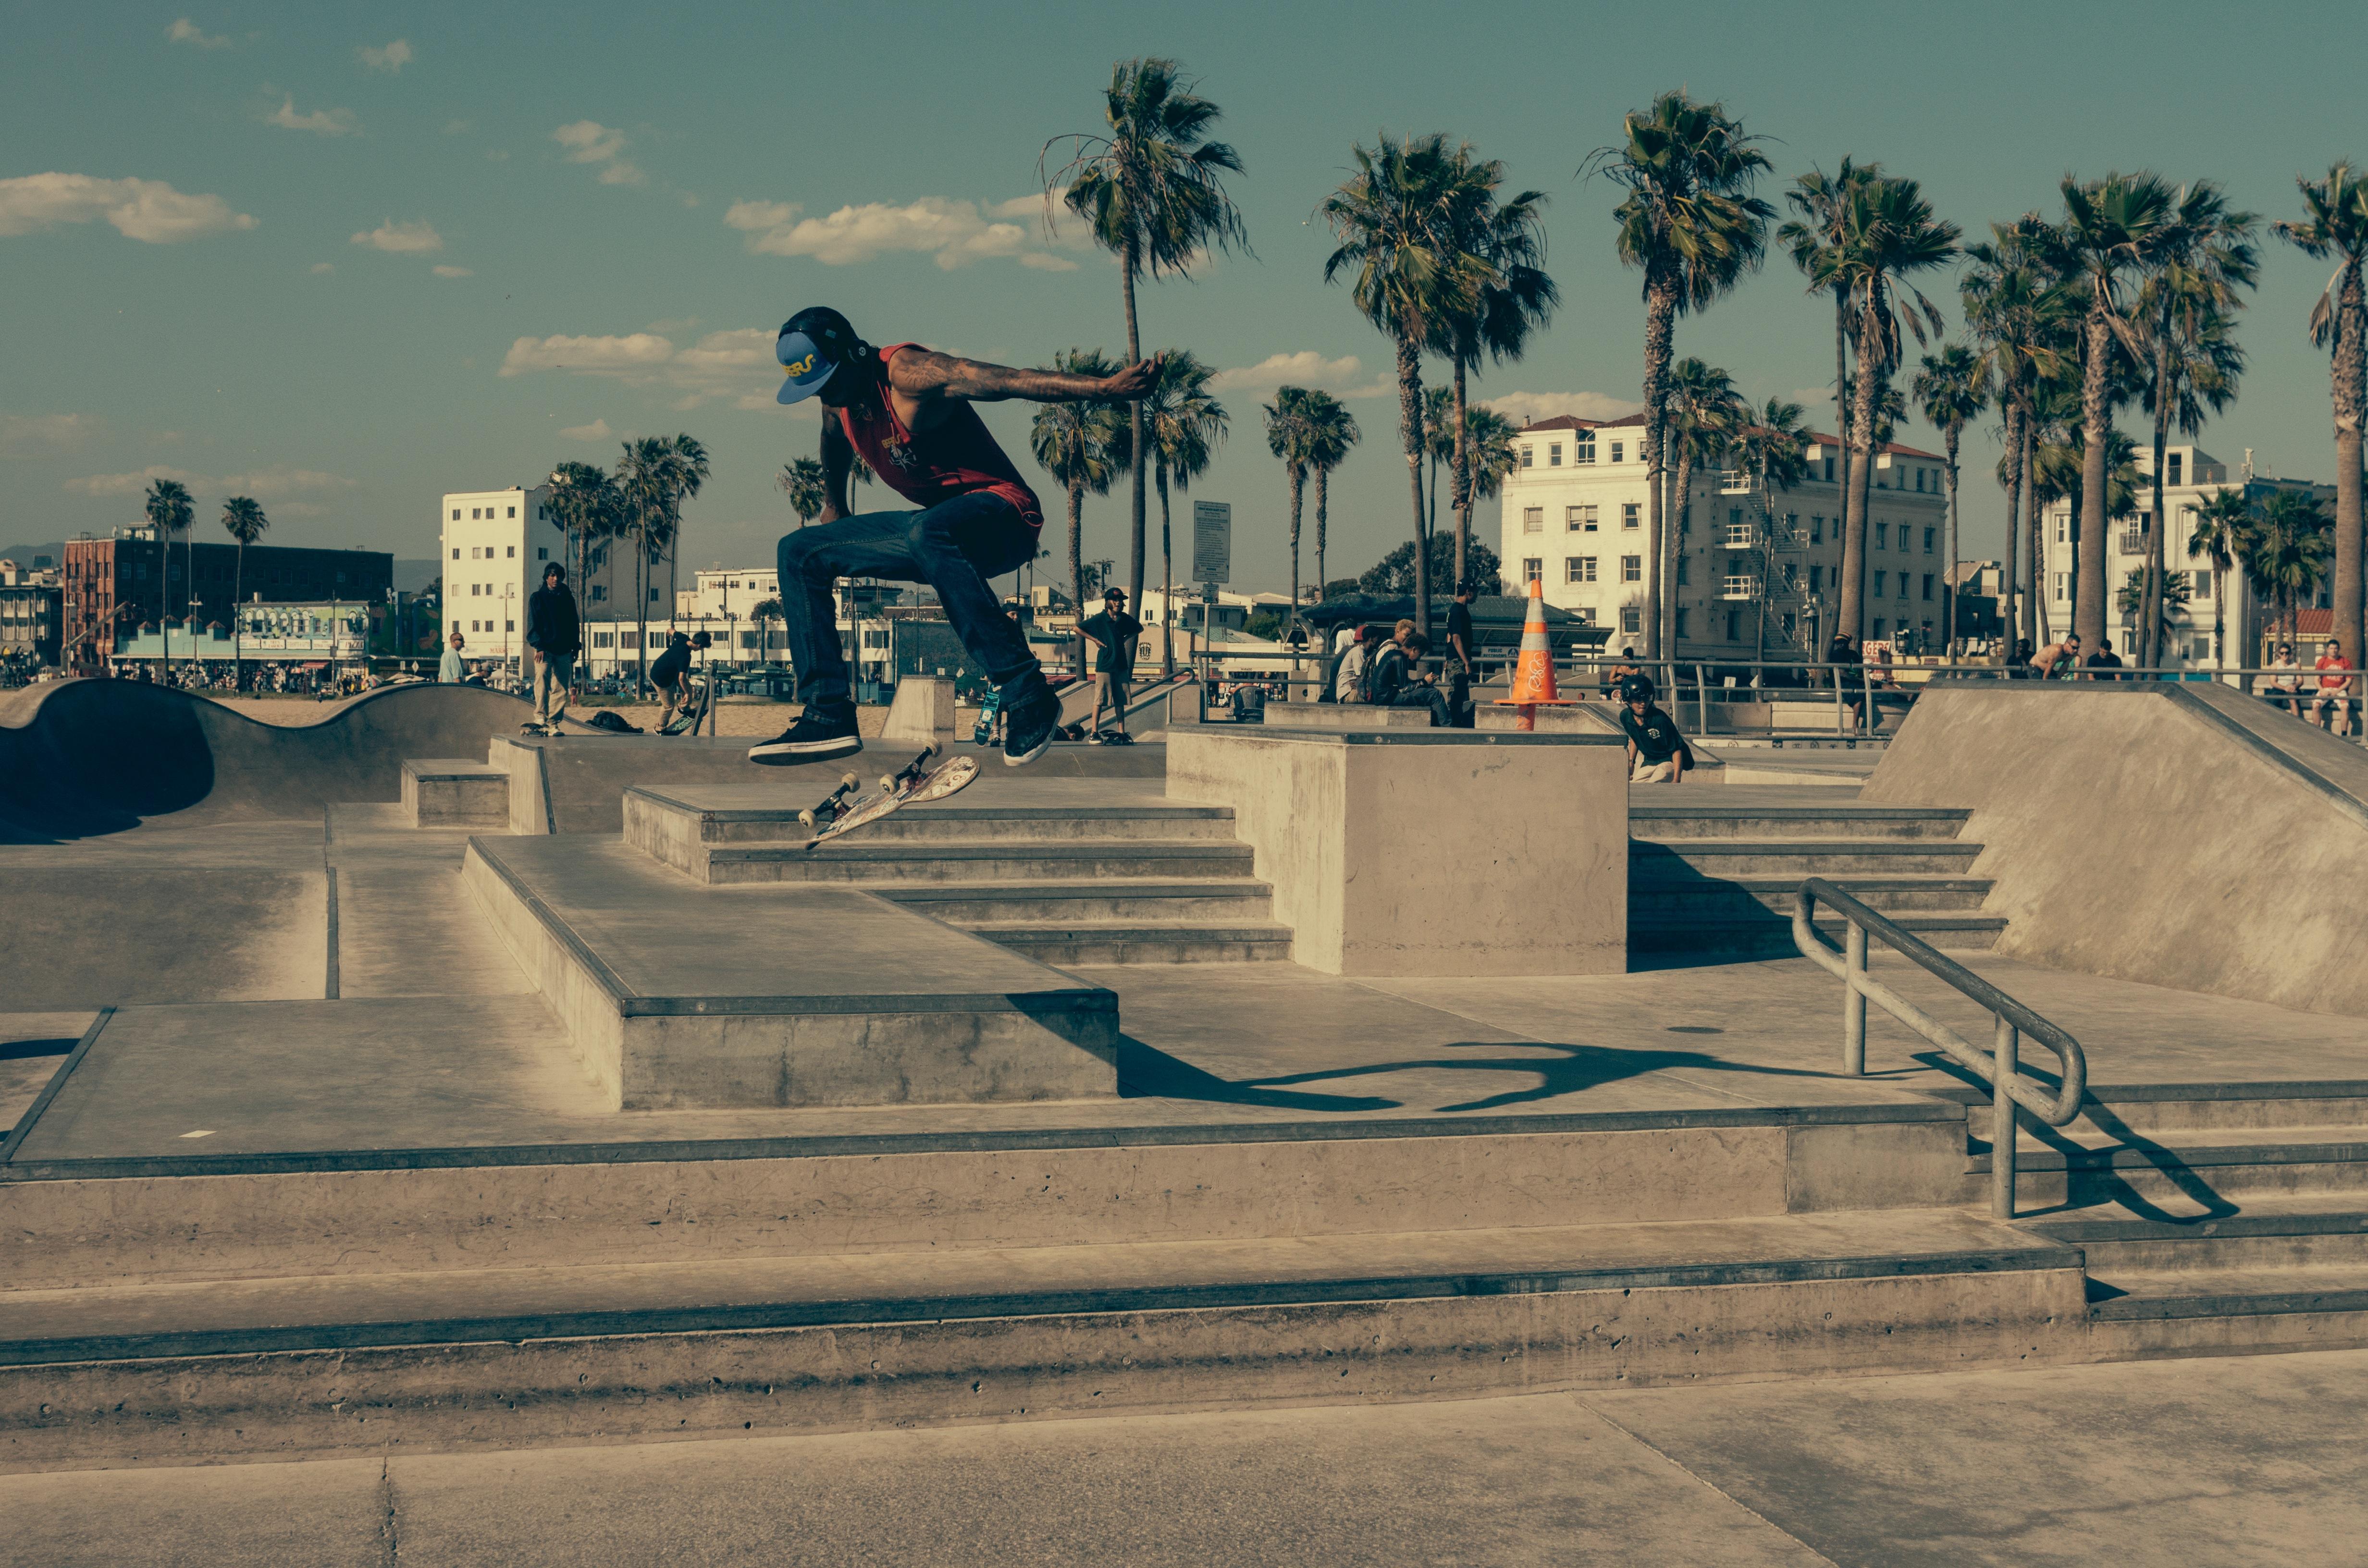 市のスケートボーダー